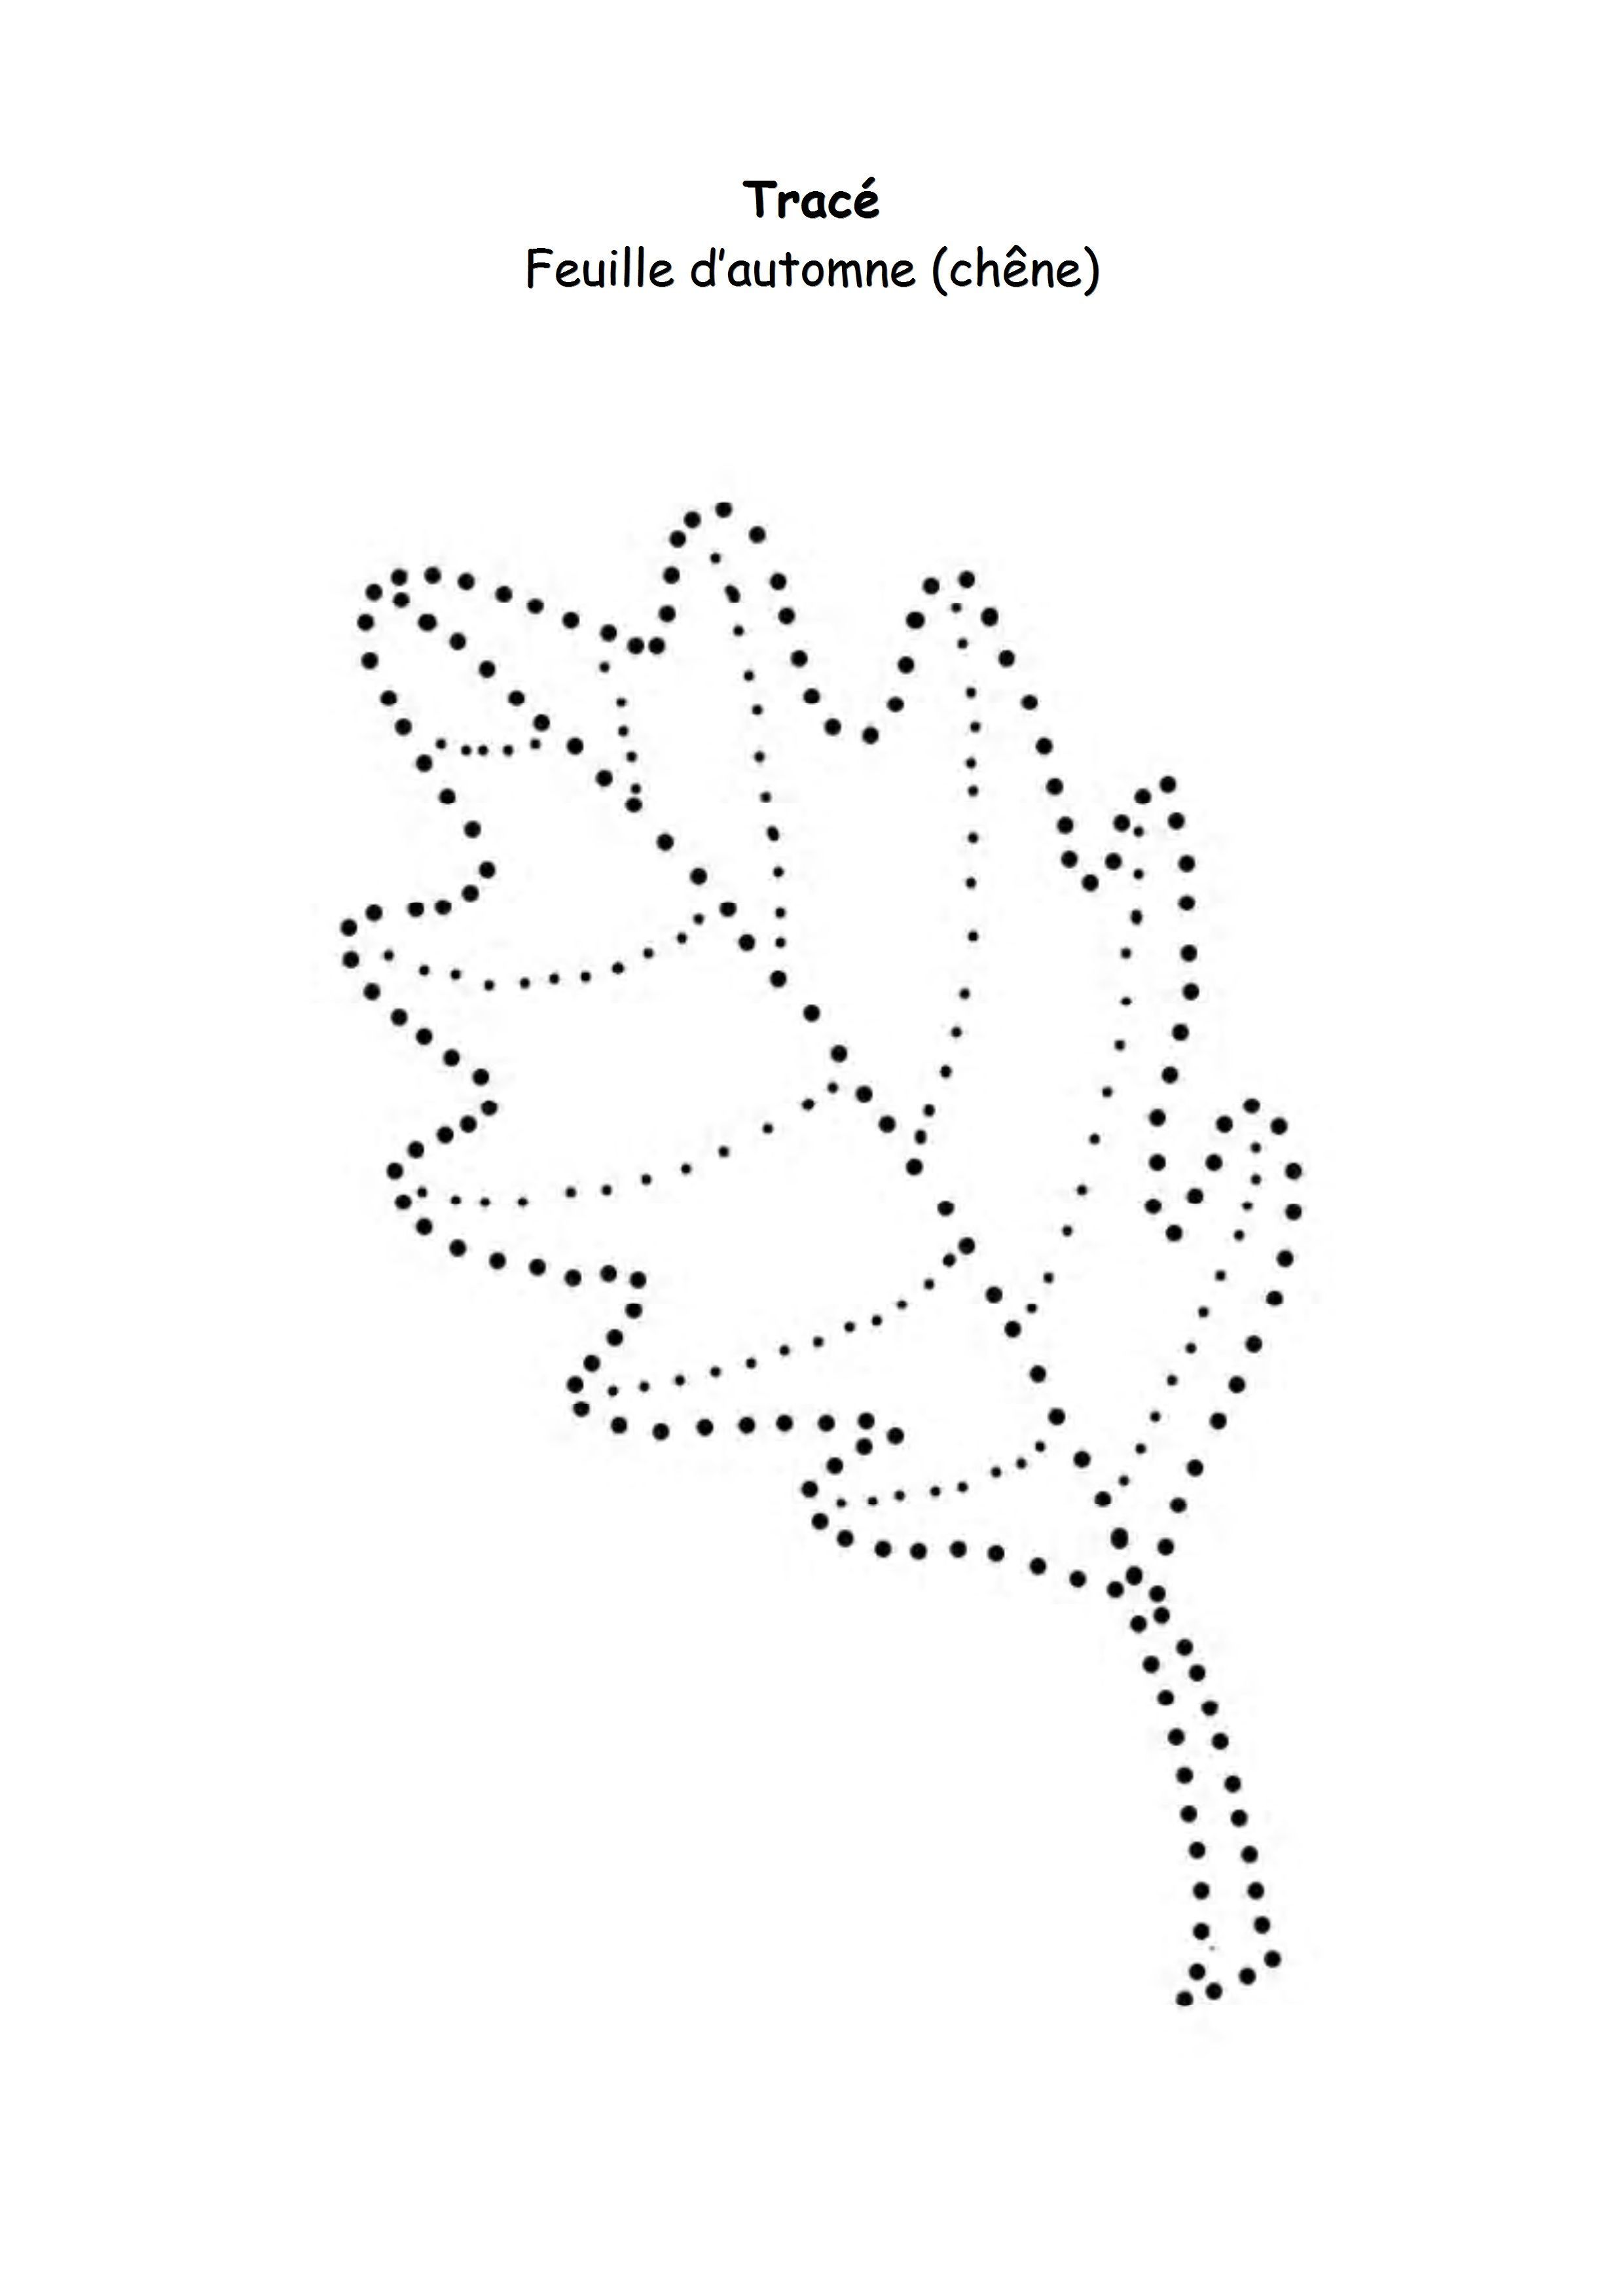 L 39 automne feuille de ch ne en pointill s - Dessin d automne facile ...